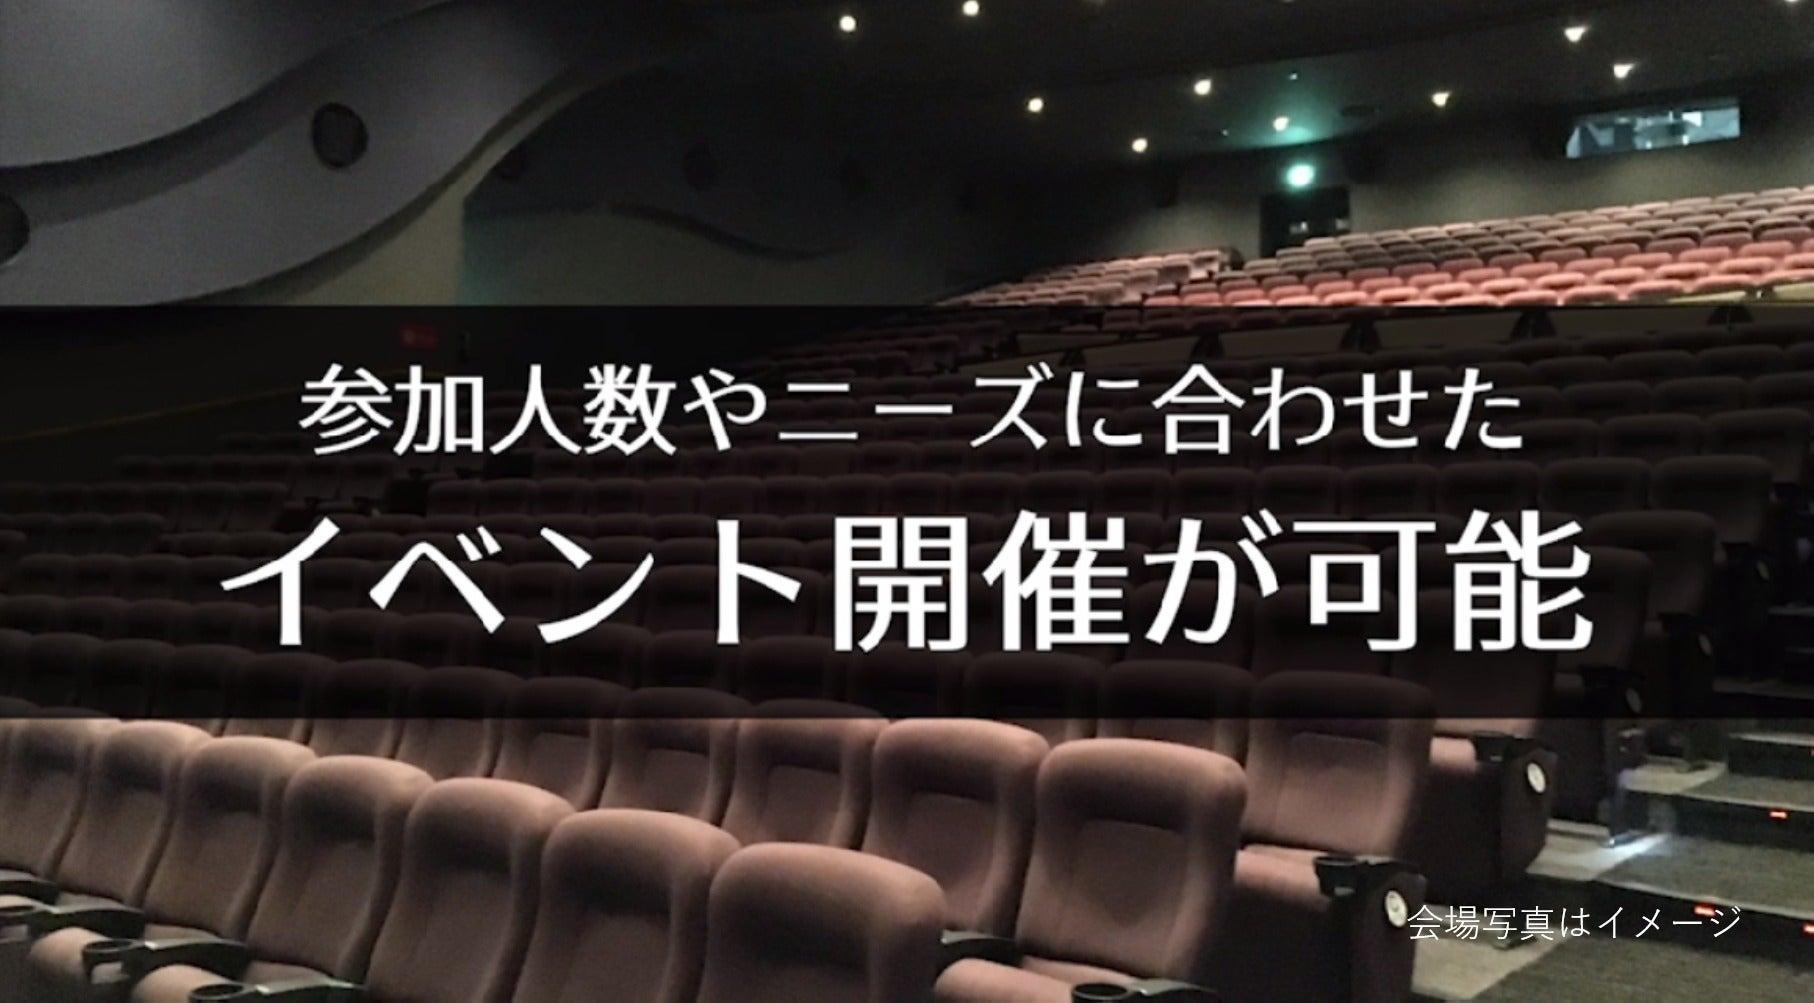 【浦和 135席】映画館で、会社説明会、株主総会、講演会の企画はいかがですか?(ユナイテッド・シネマ浦和) の写真0